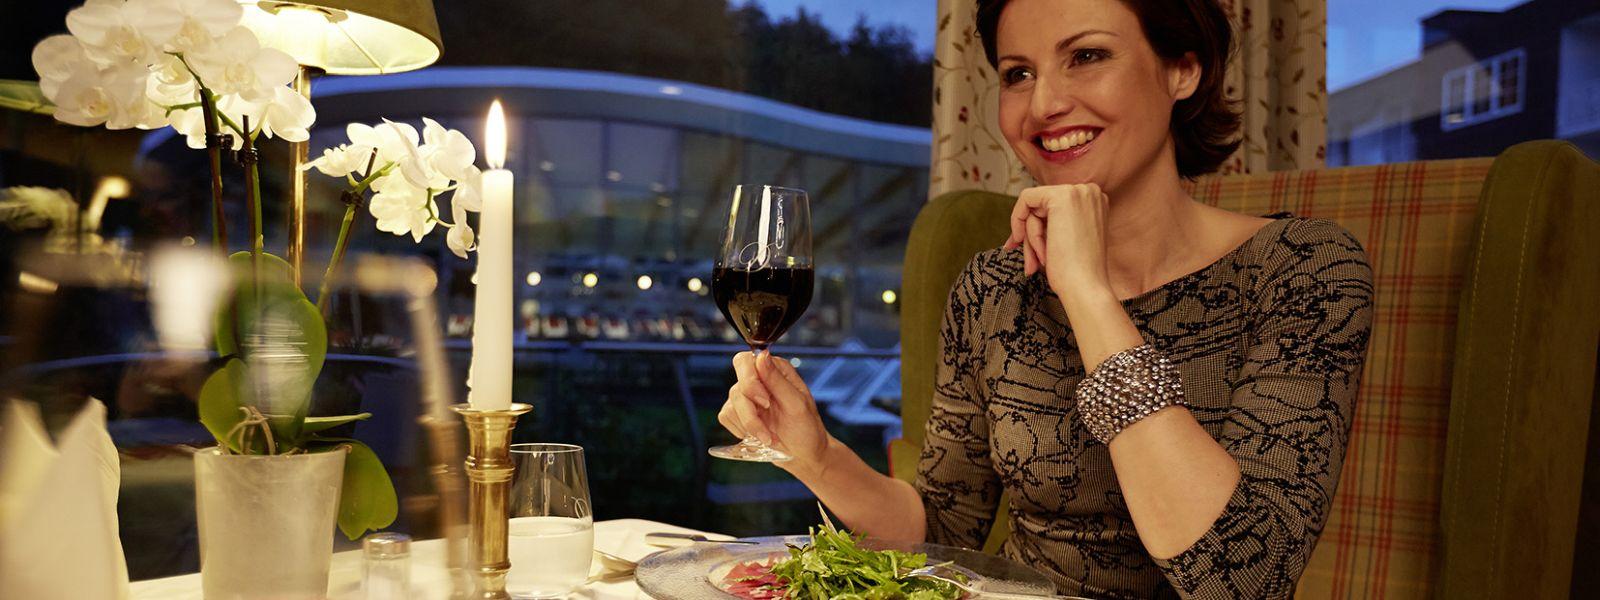 Frau mit einem Glas Wein während der Romantik Tage